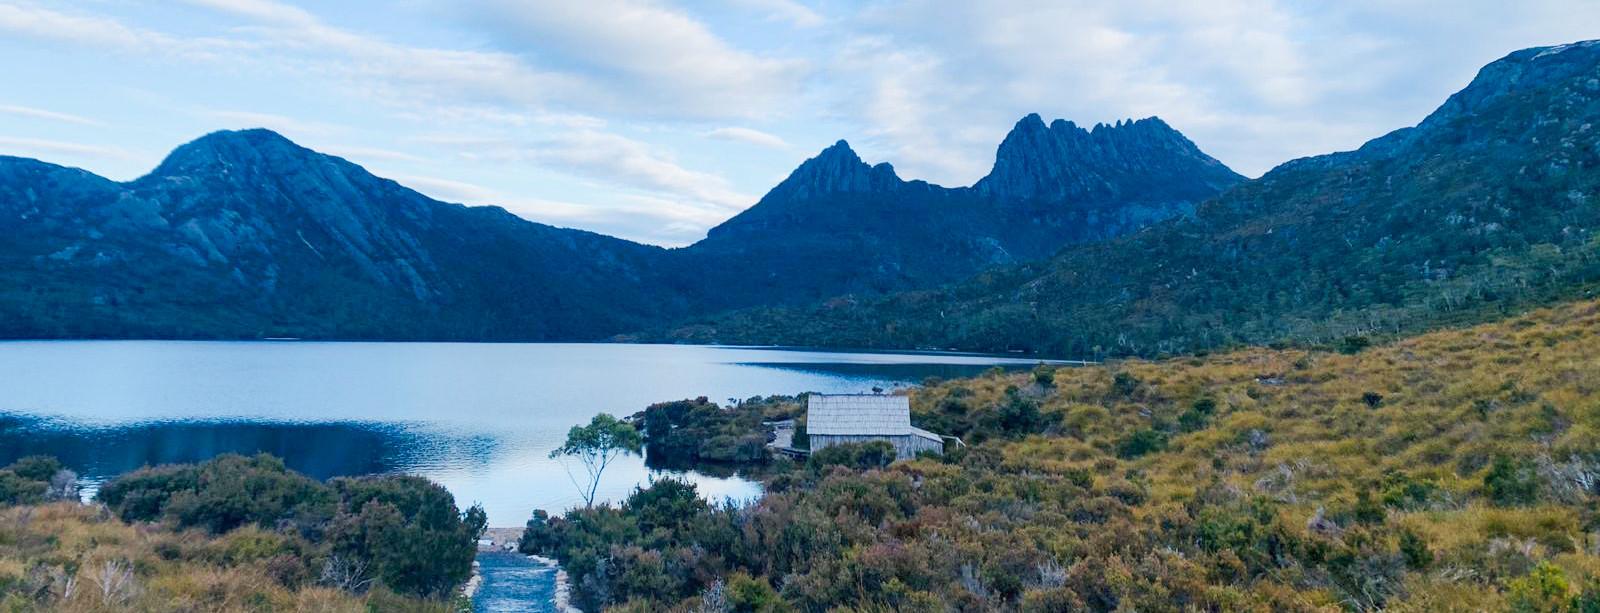 Craddle Mountain, TAS, AU